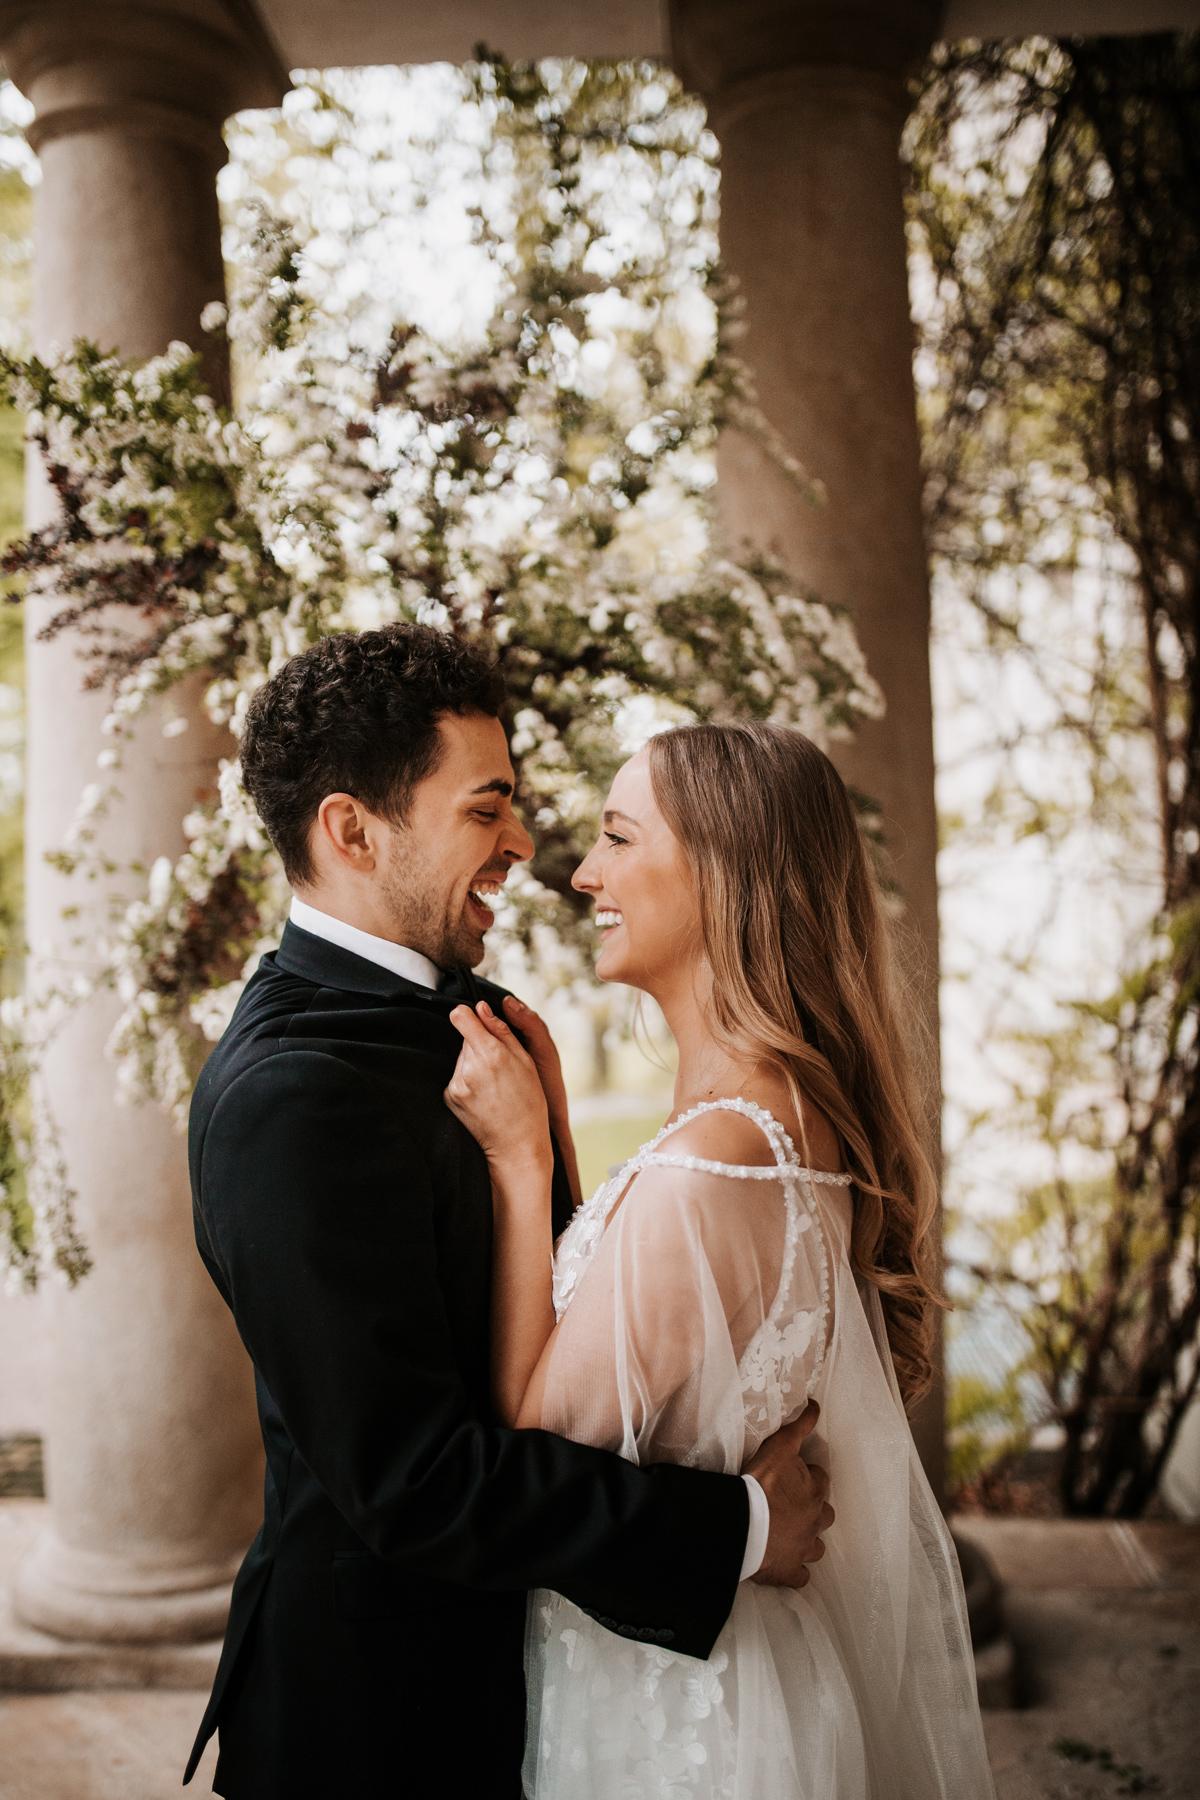 W & K - ślub w plenerze we dwoje - Dwór Sieraków 10